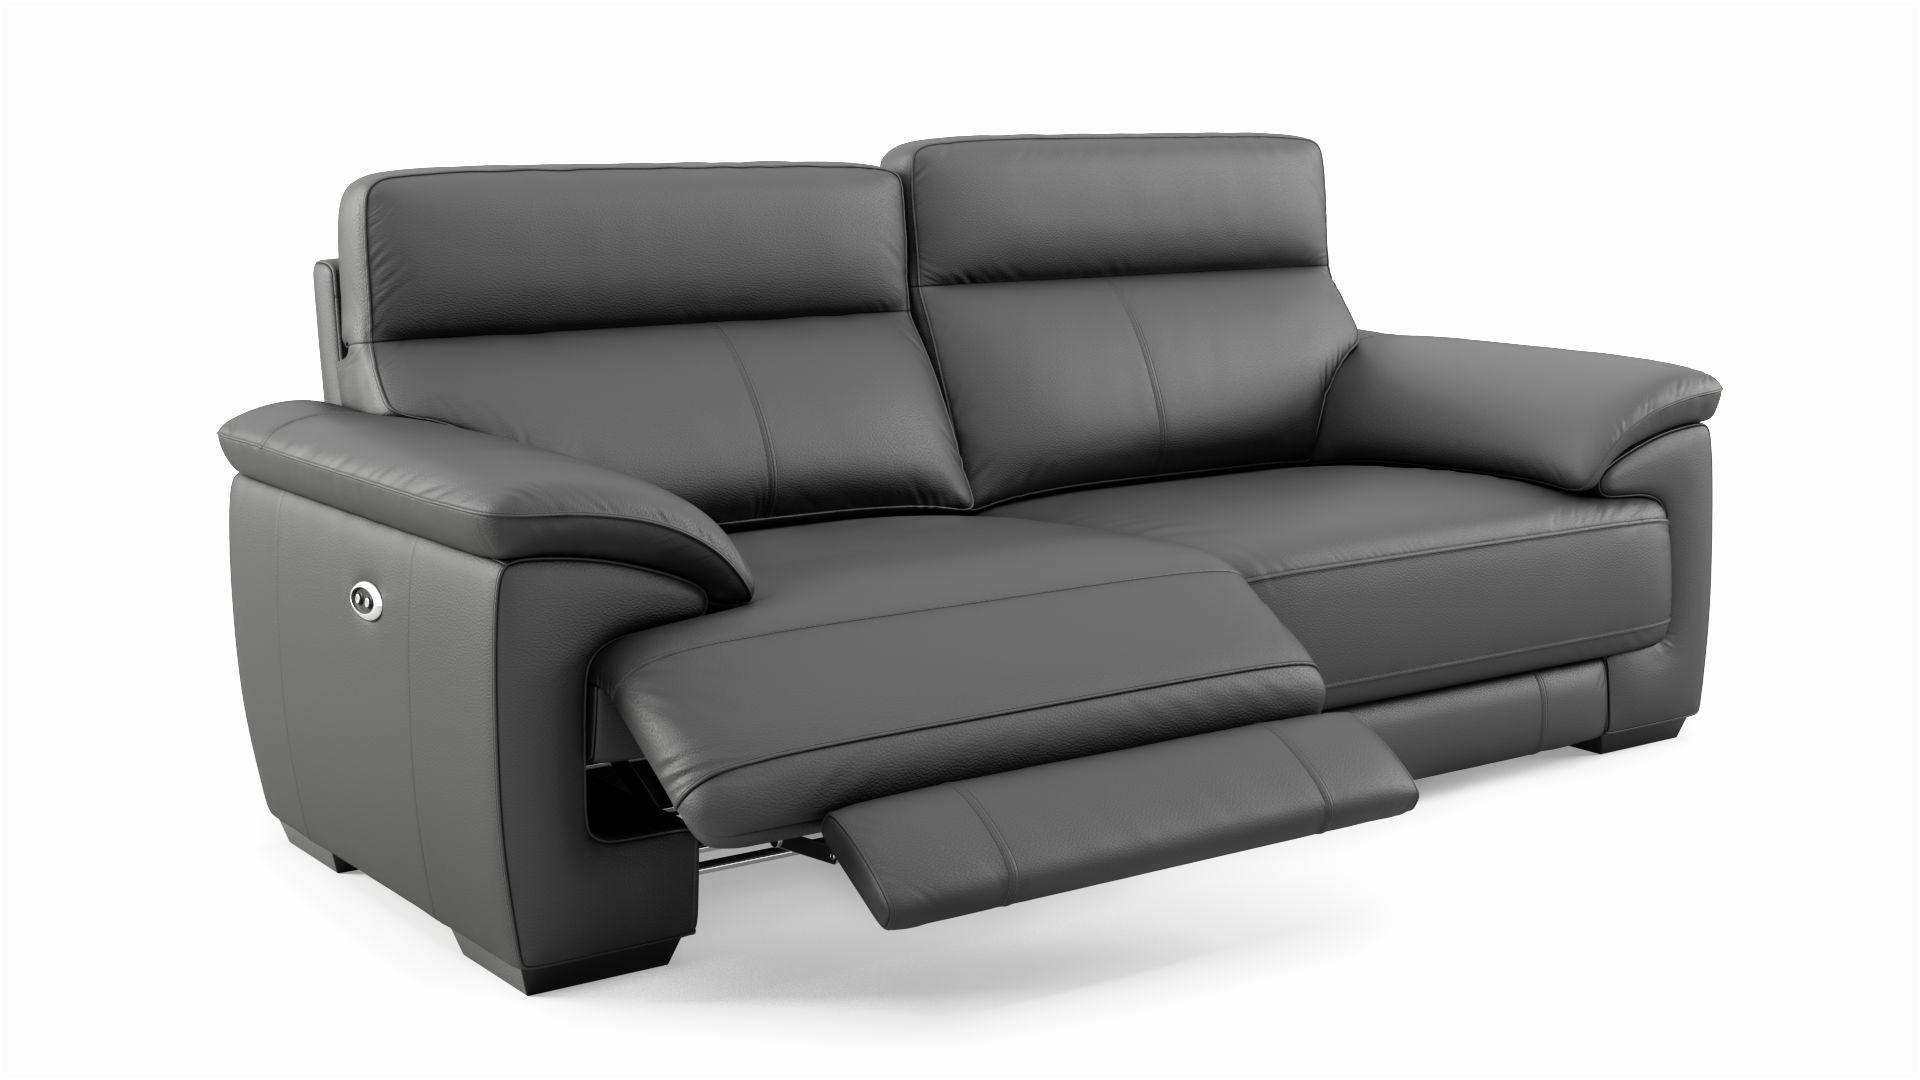 Full Size of Big Sofa Mit Verstellbarer Sitztiefe Ecksofa Elektrisch Bett 90x200 Lattenrost 120x200 Matratze Und Relaxfunktion Badewanne Tür Dusche Kolonialstil Bettkasten Sofa Sofa Mit Verstellbarer Sitztiefe